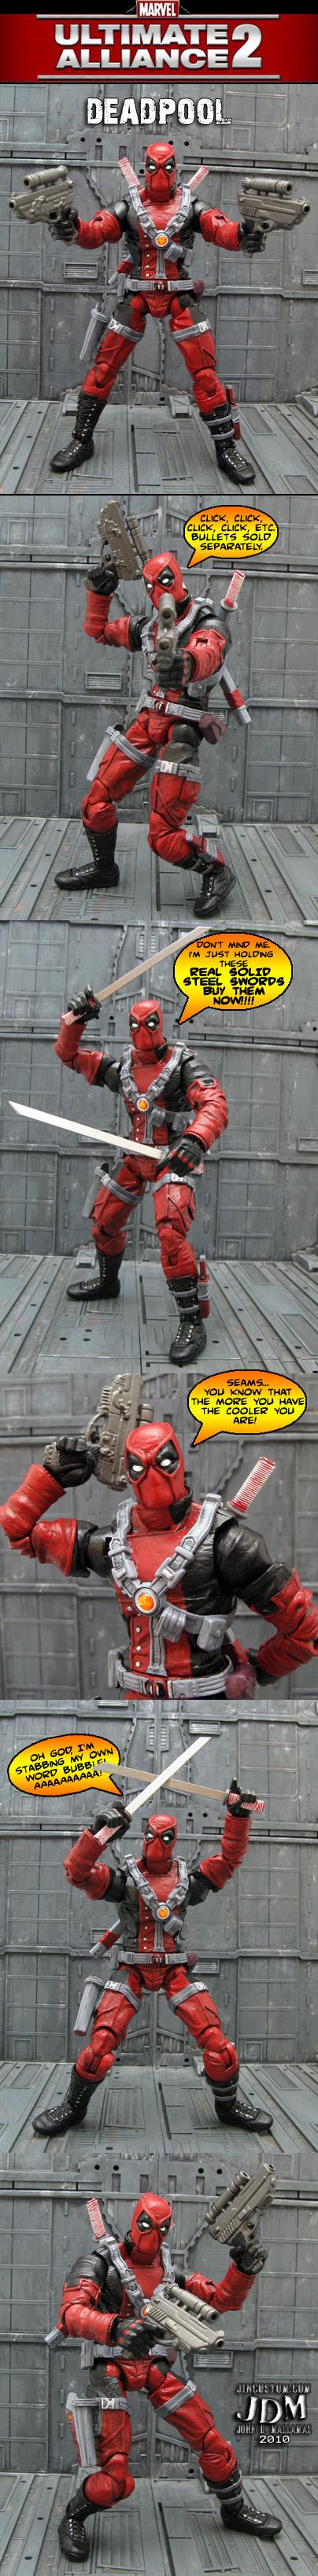 Marvel Ultimate Alliance 2 Deadpool